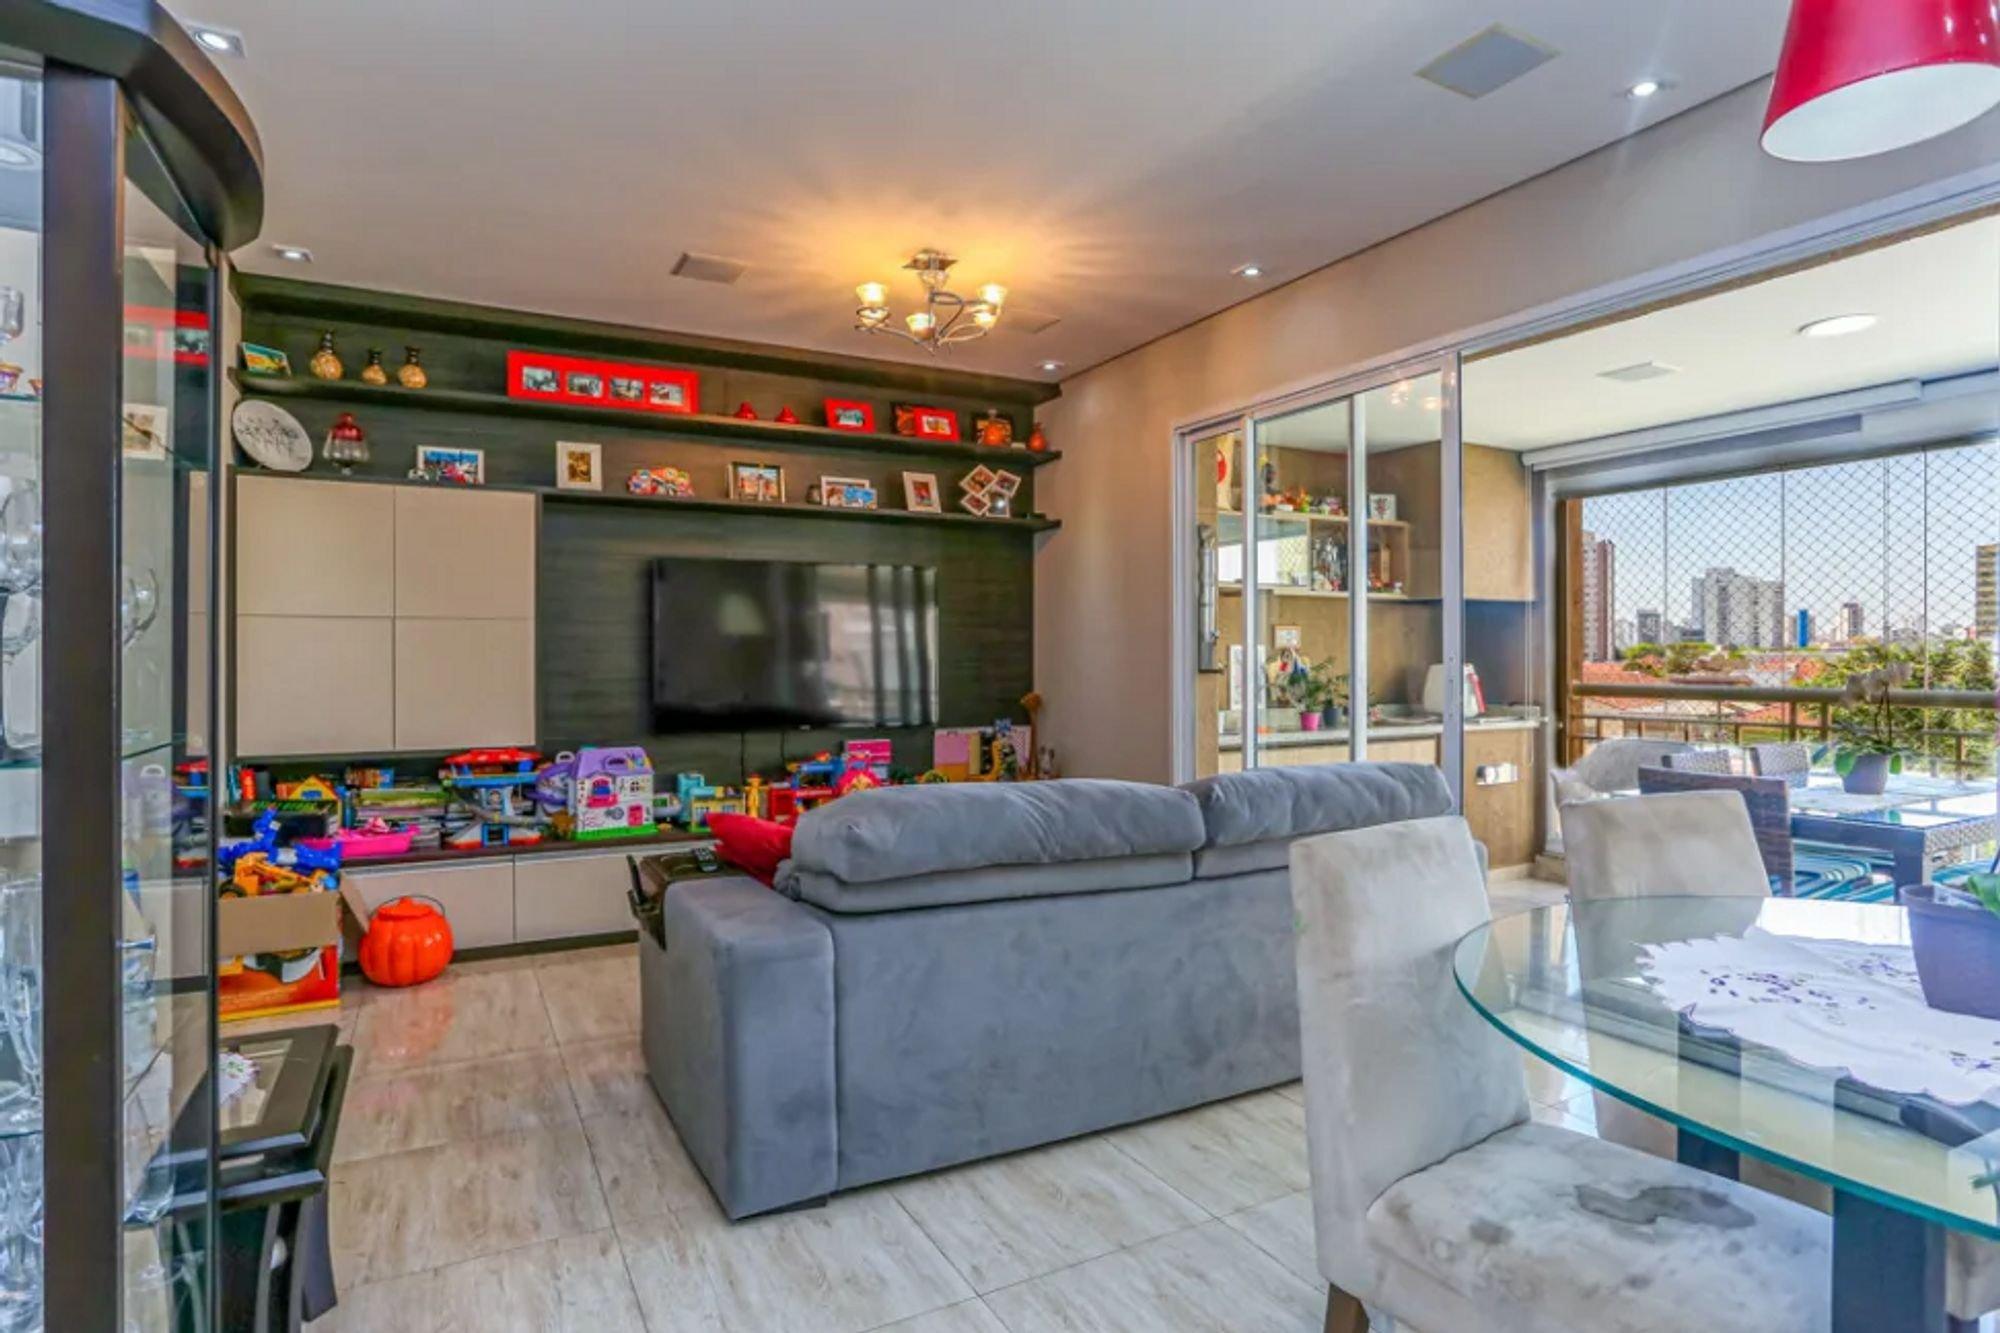 Foto de Sala com vaso de planta, sofá, televisão, vaso, cadeira